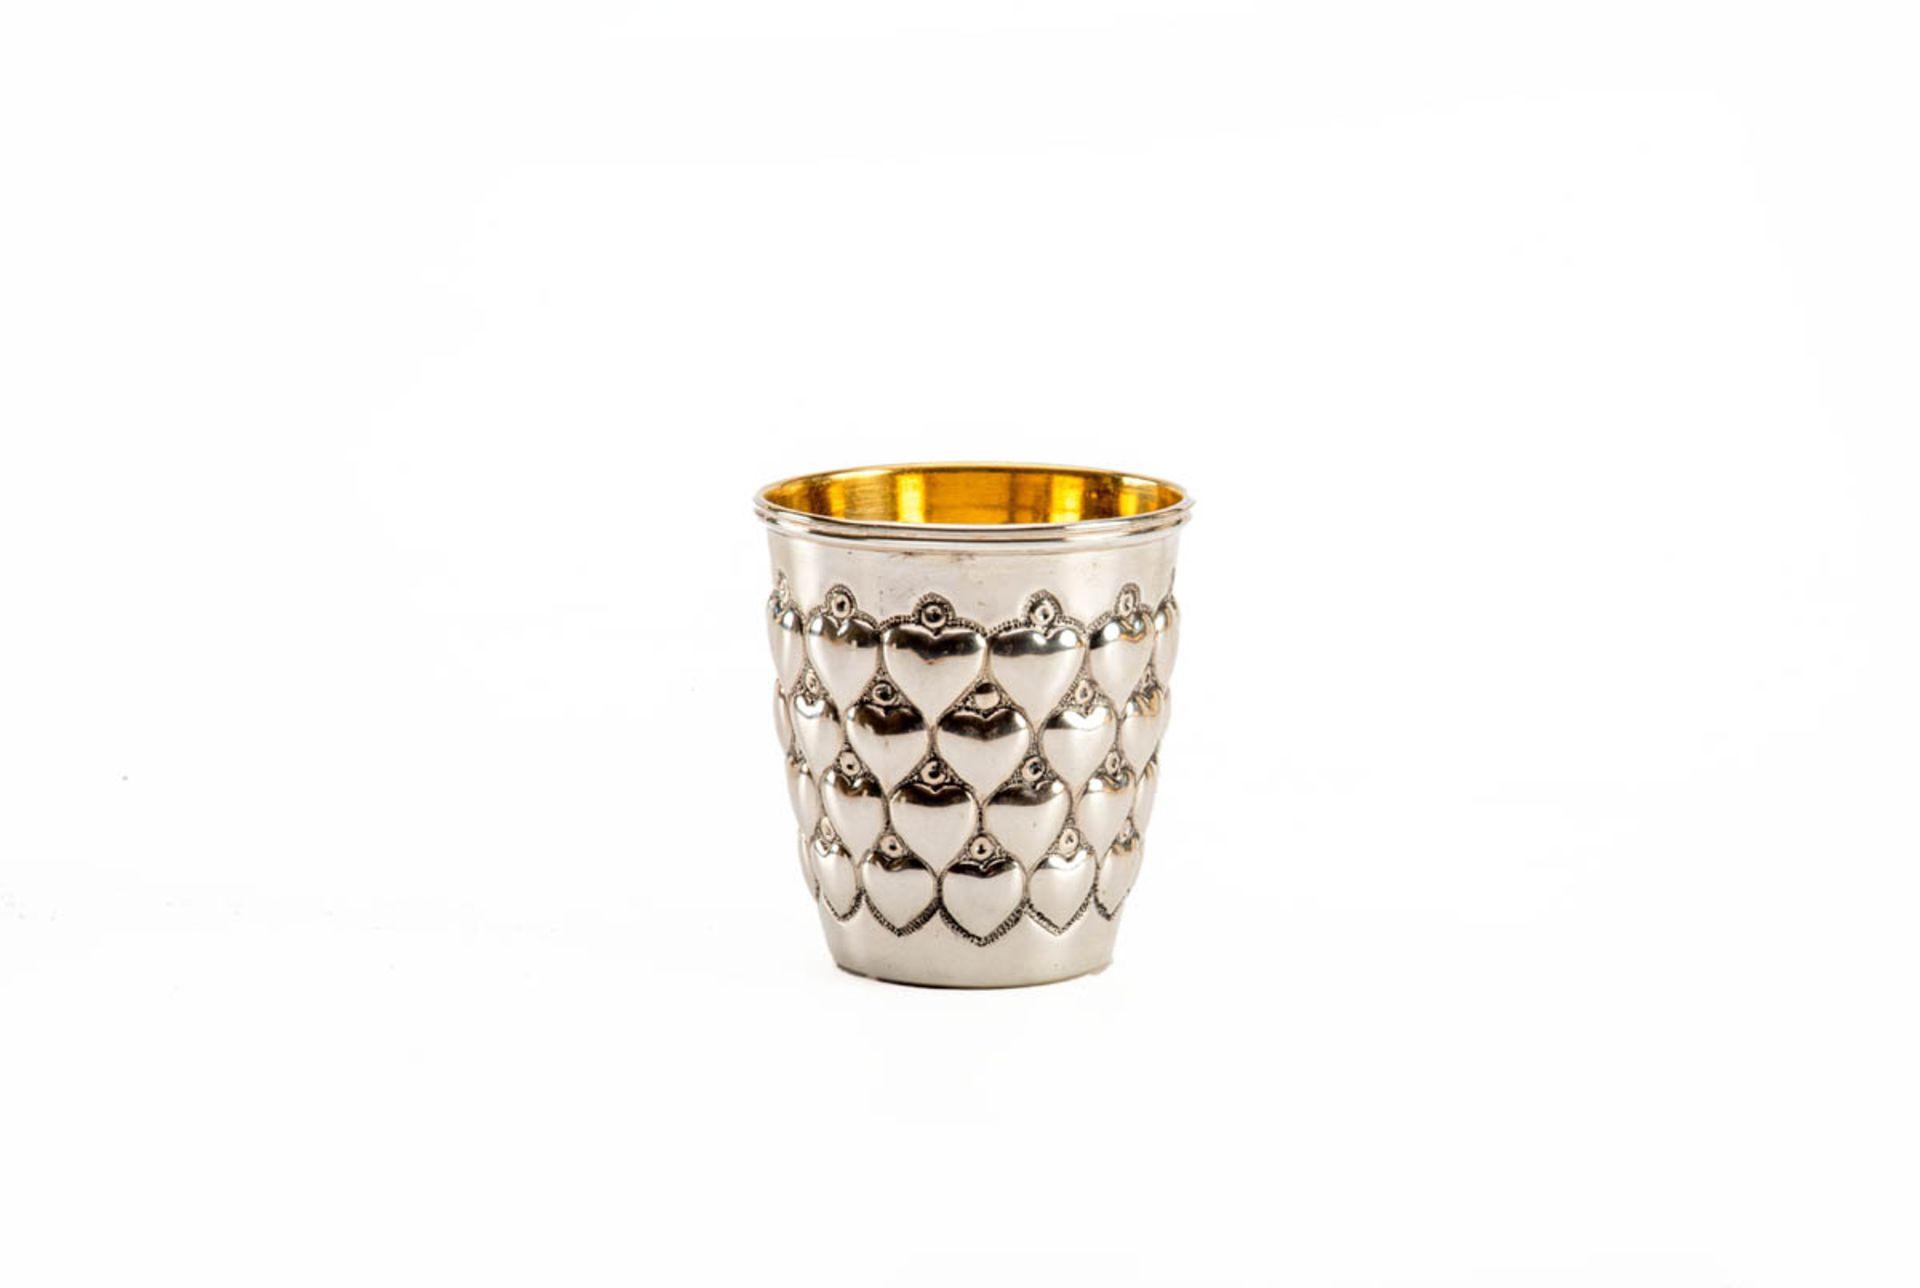 Los 49 - Herzbecher 925er Silber, innen vergoldet, H.:7 cm, Durchm.:6 cm. ca. 70g.